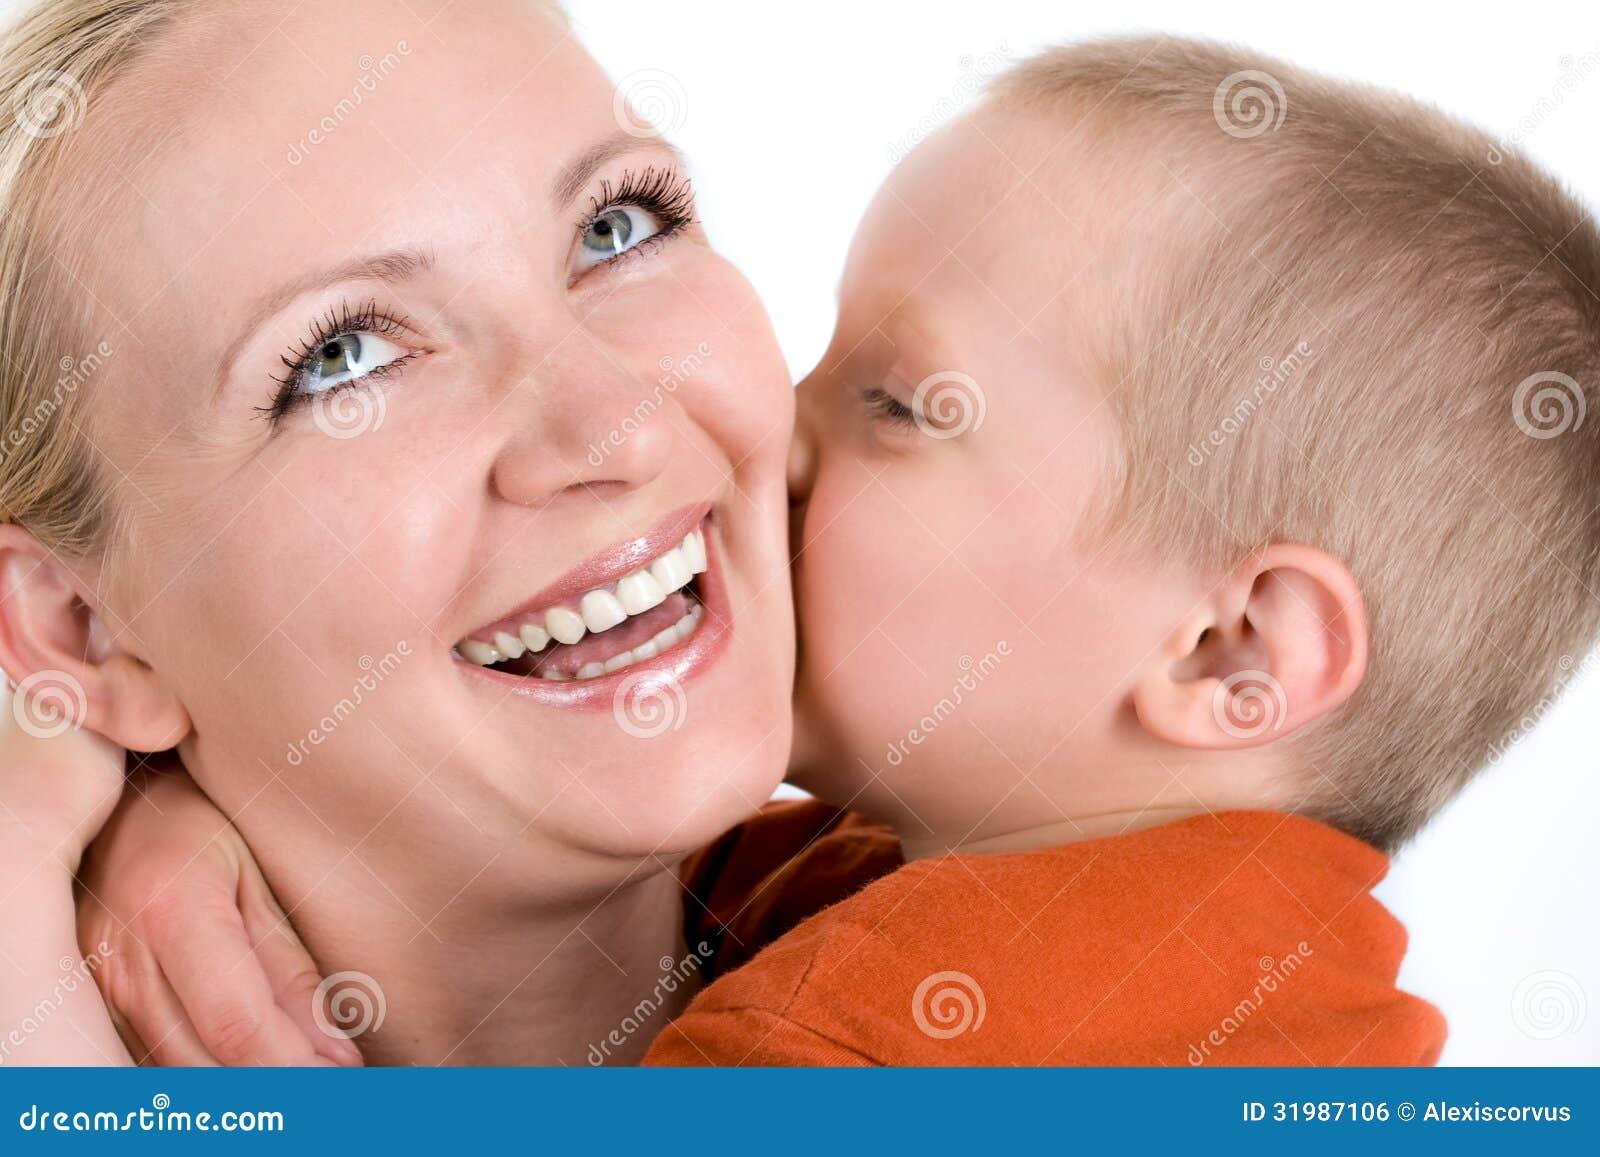 Сын чмокнул свою мать, Сын ебёт маму -видео. Смотреть сын ебёт маму 20 фотография